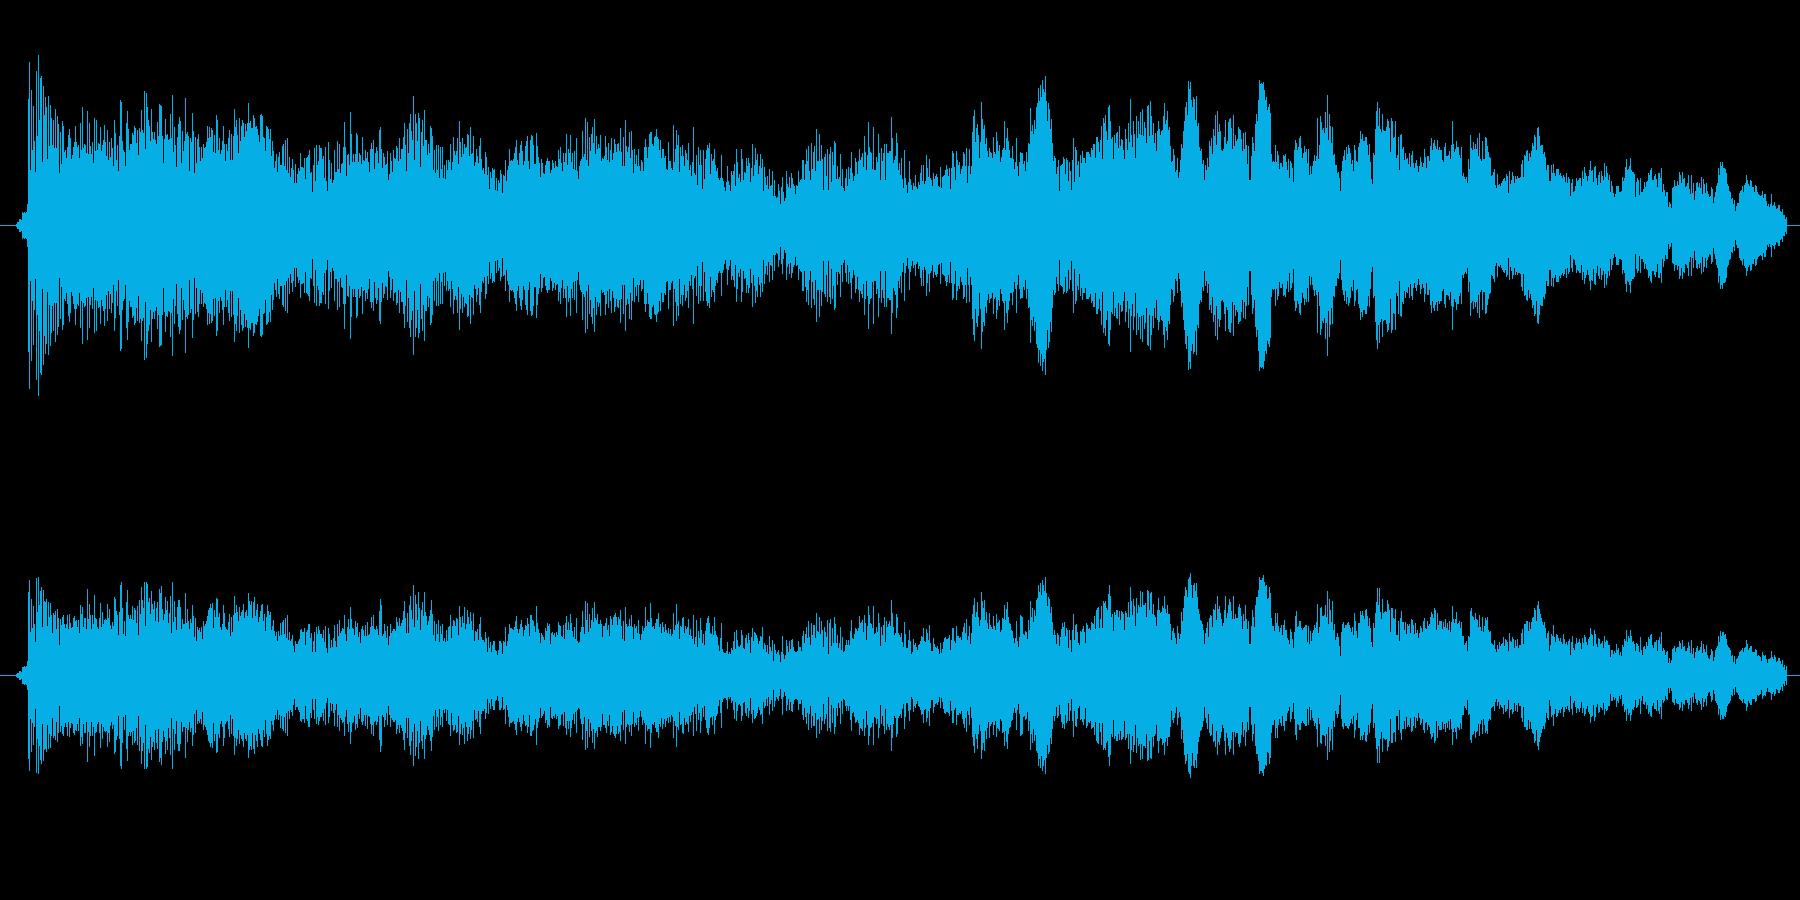 ゲージが上がる音の再生済みの波形